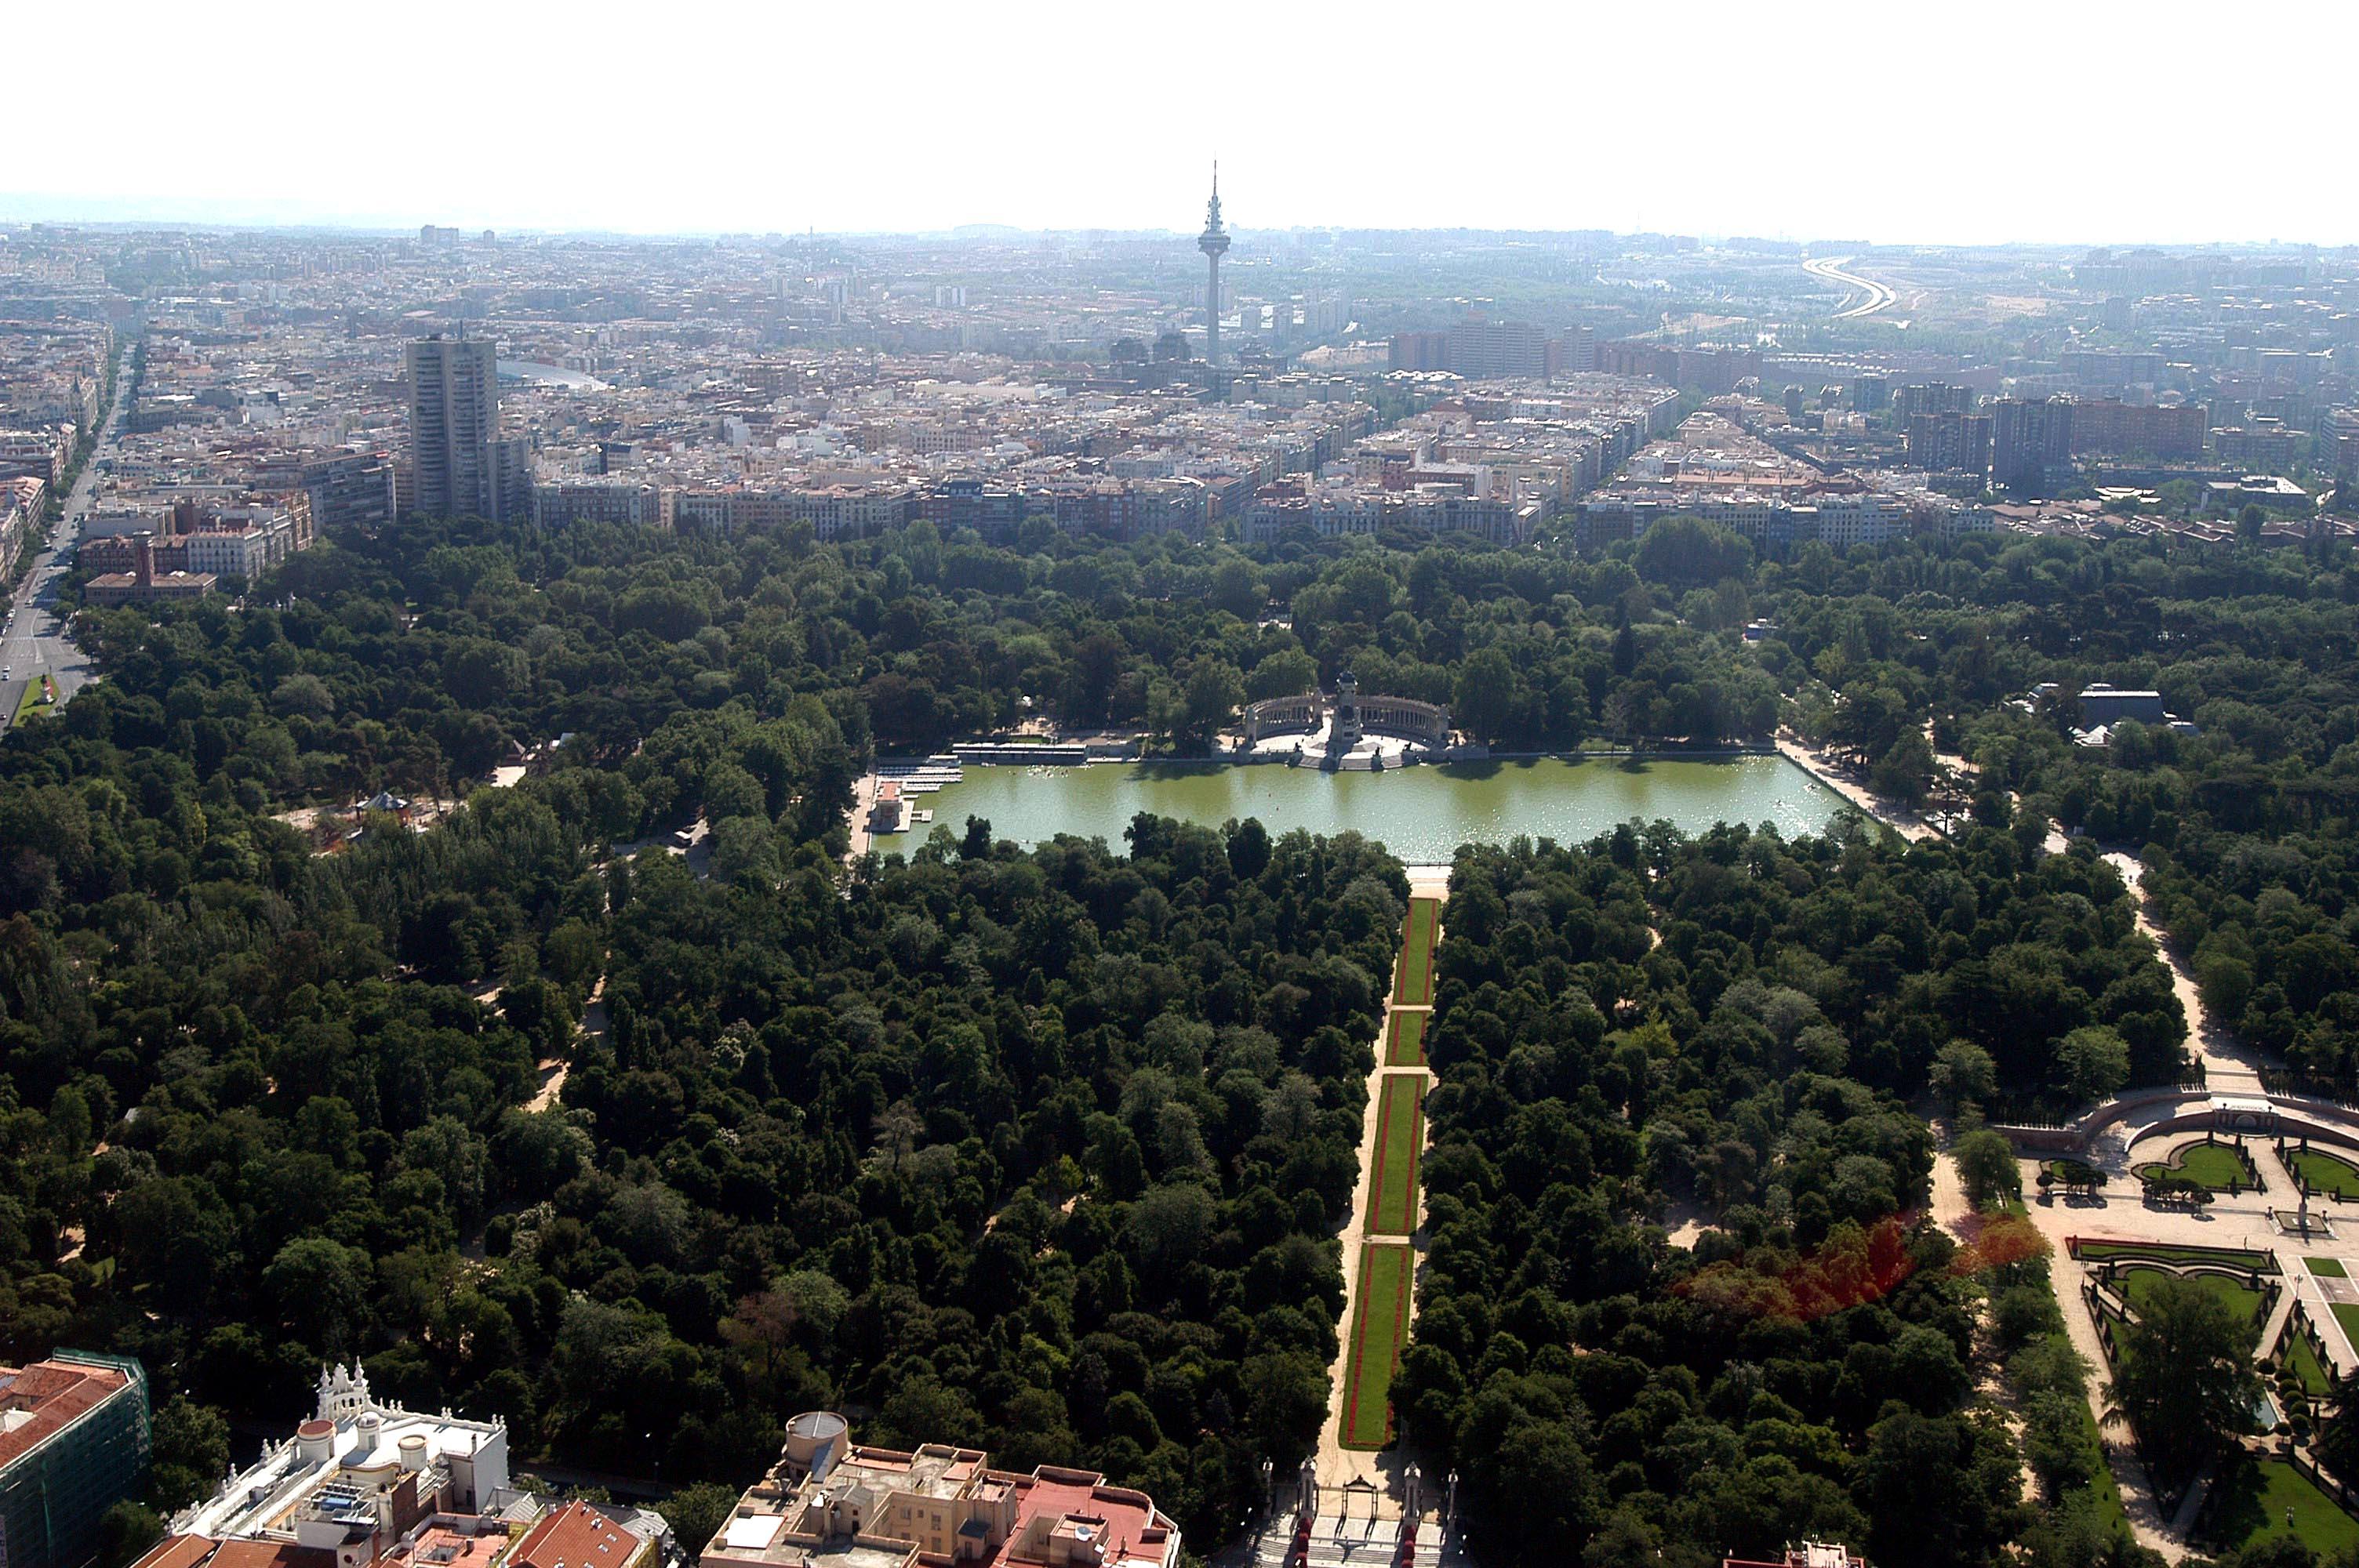 Vista aérea del parque del Retiro.